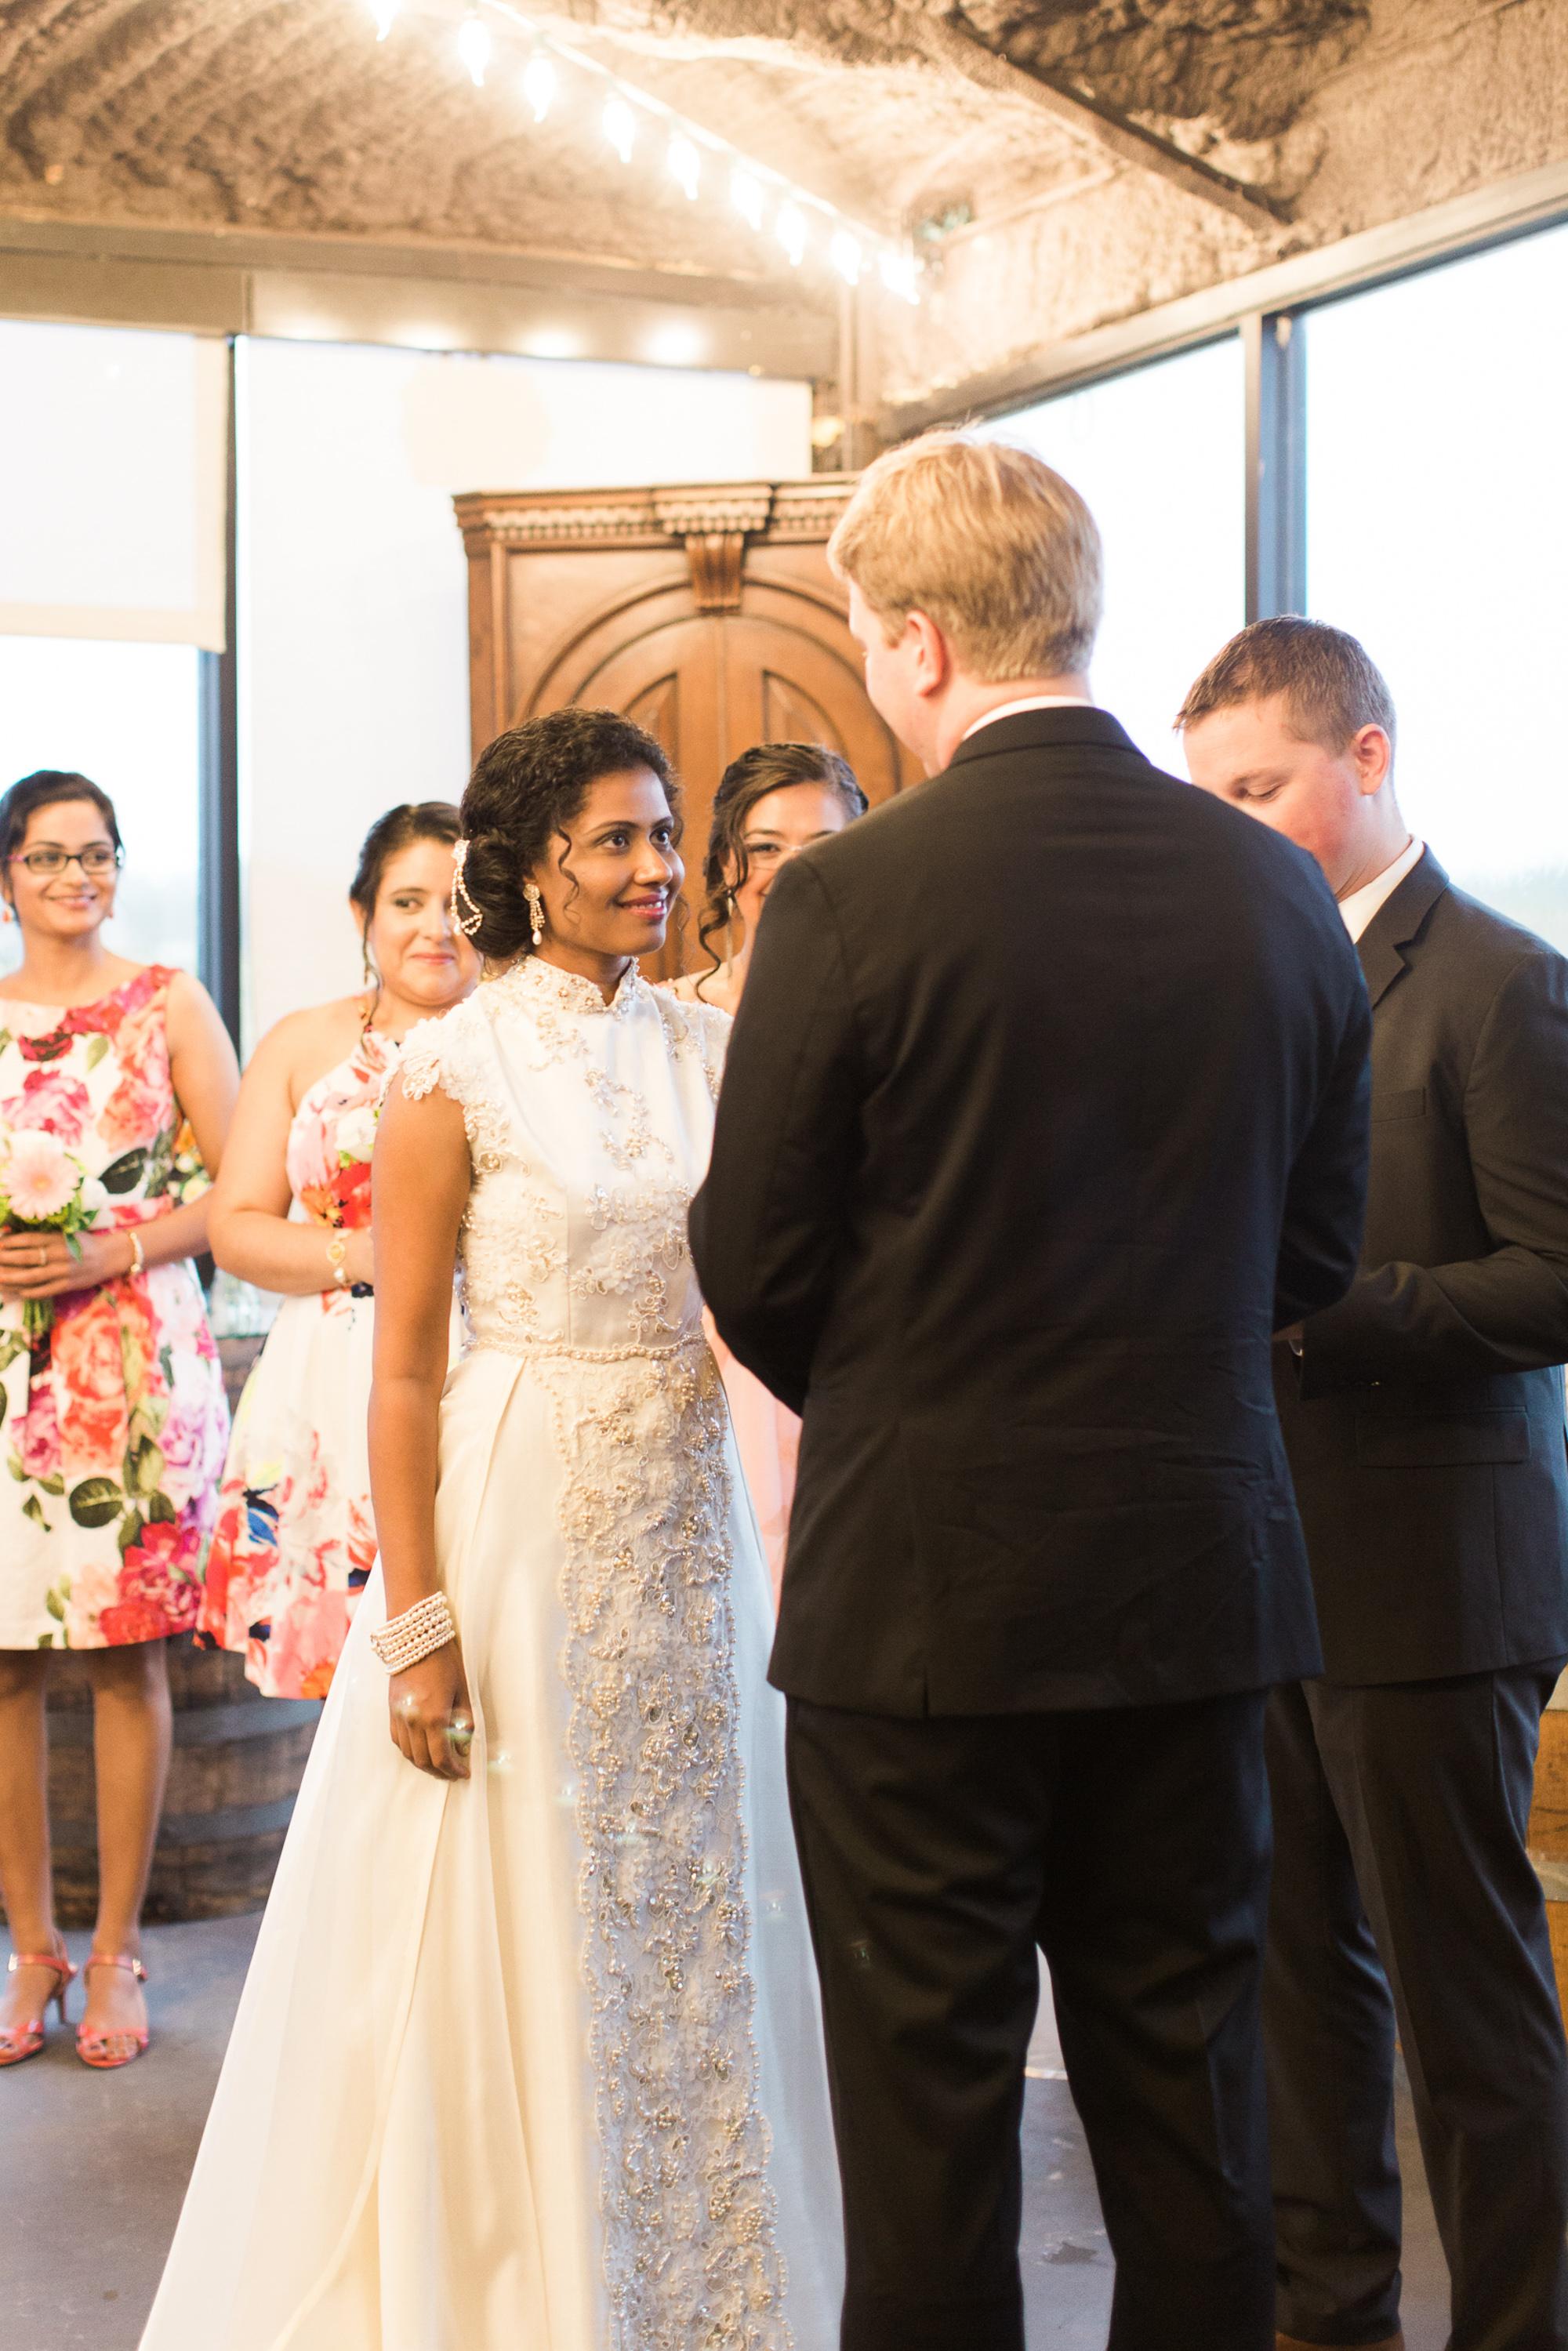 e53d9-messina-hof-wedding-32messina-hof-wedding-32.jpg